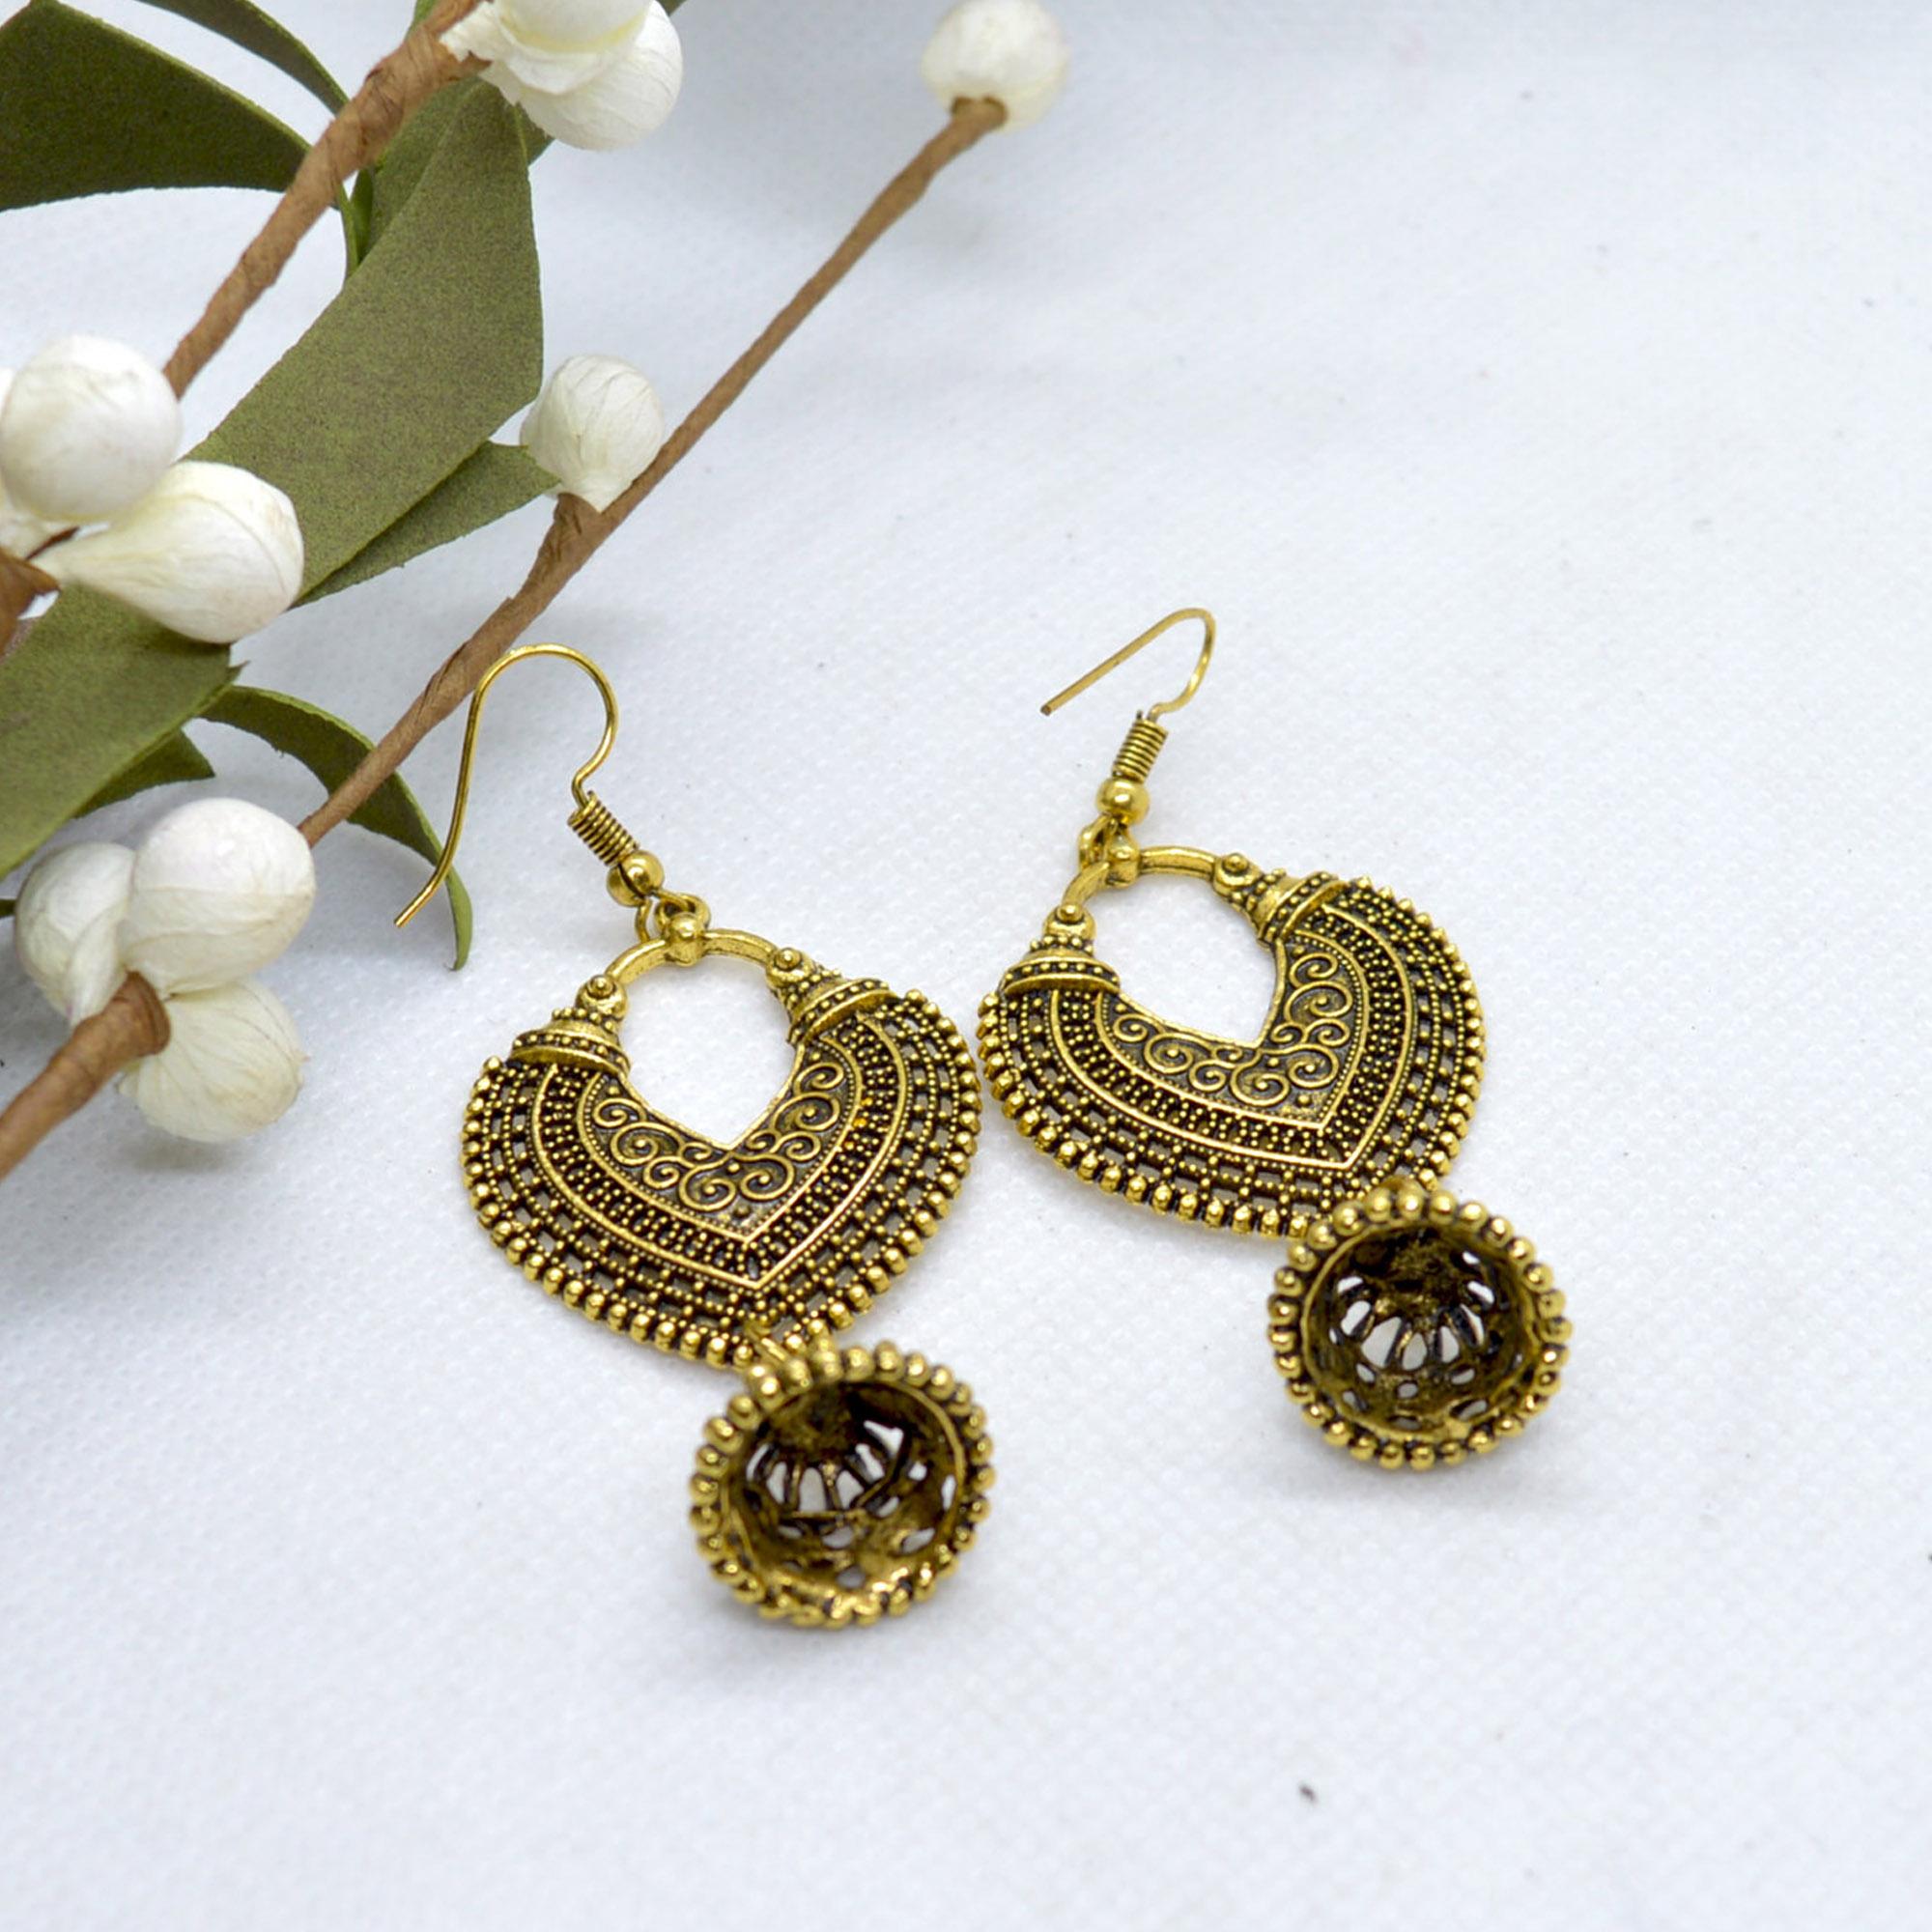 Absract Design Drop Earrings F...